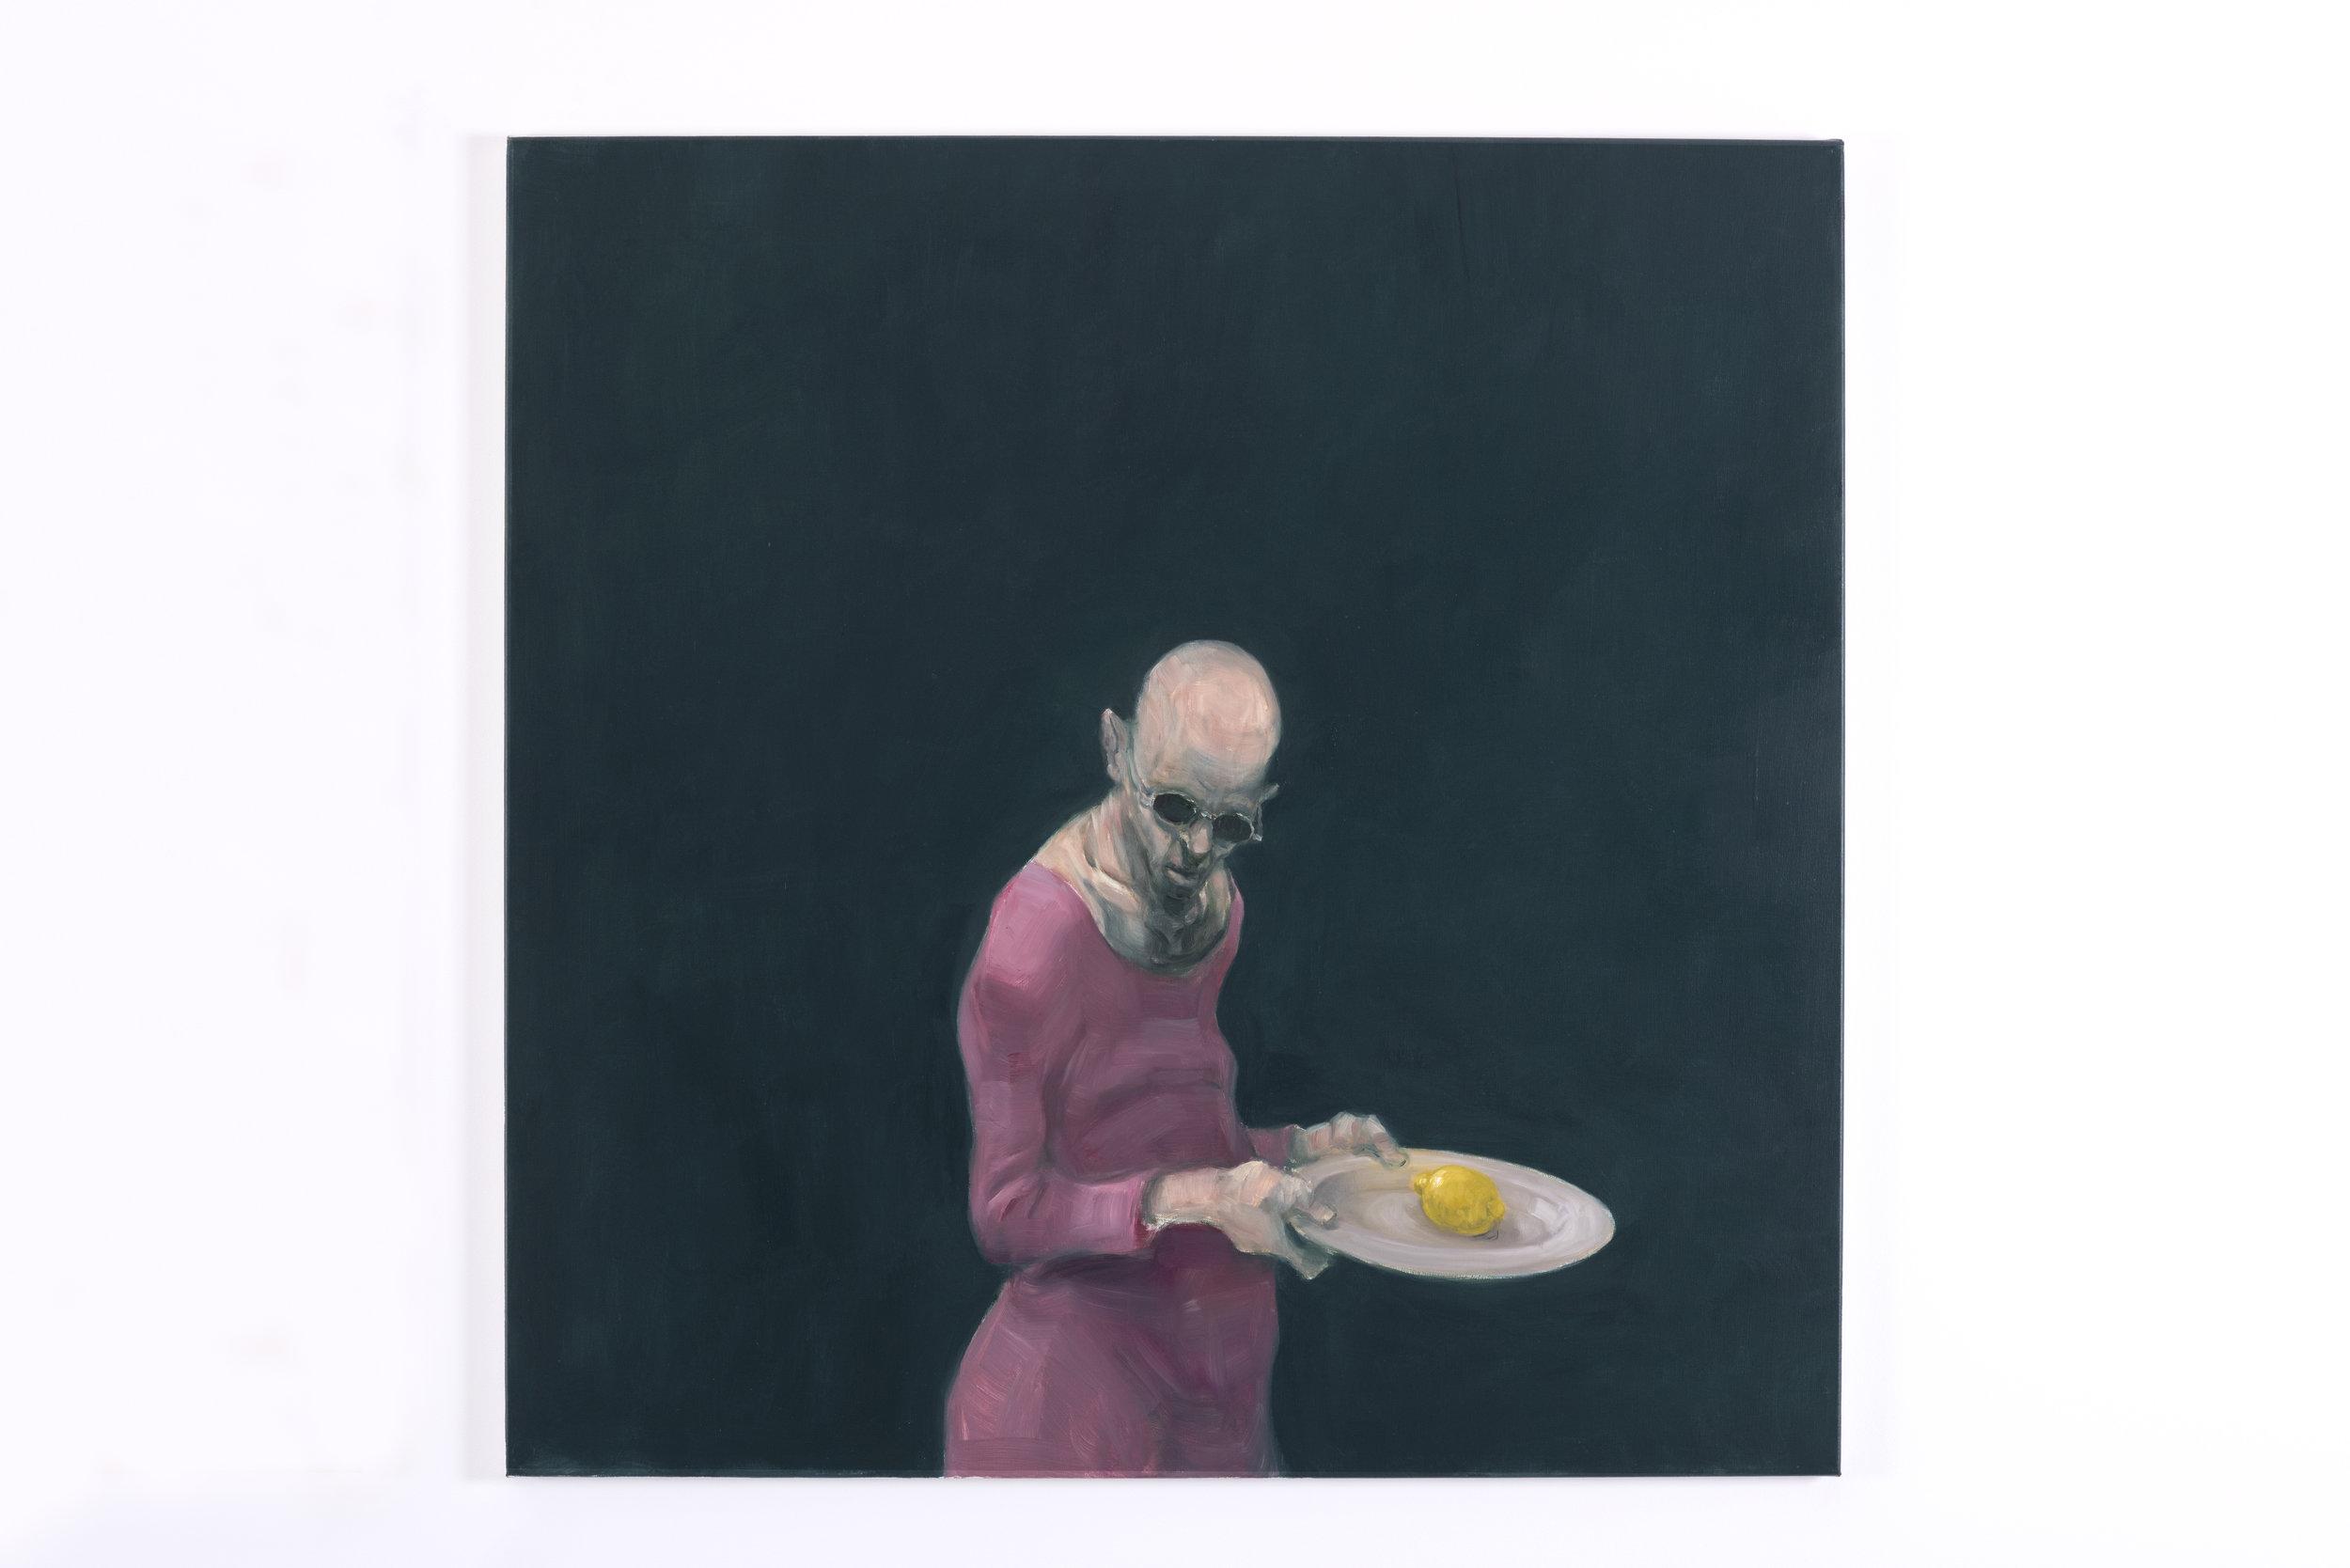 """- Jeg lager egne handlinger på en scene og får figurene til å utføre noe som ikke er åpenbart forståelig, sier Kvium. Bildet heter """"Simple Painting III""""."""